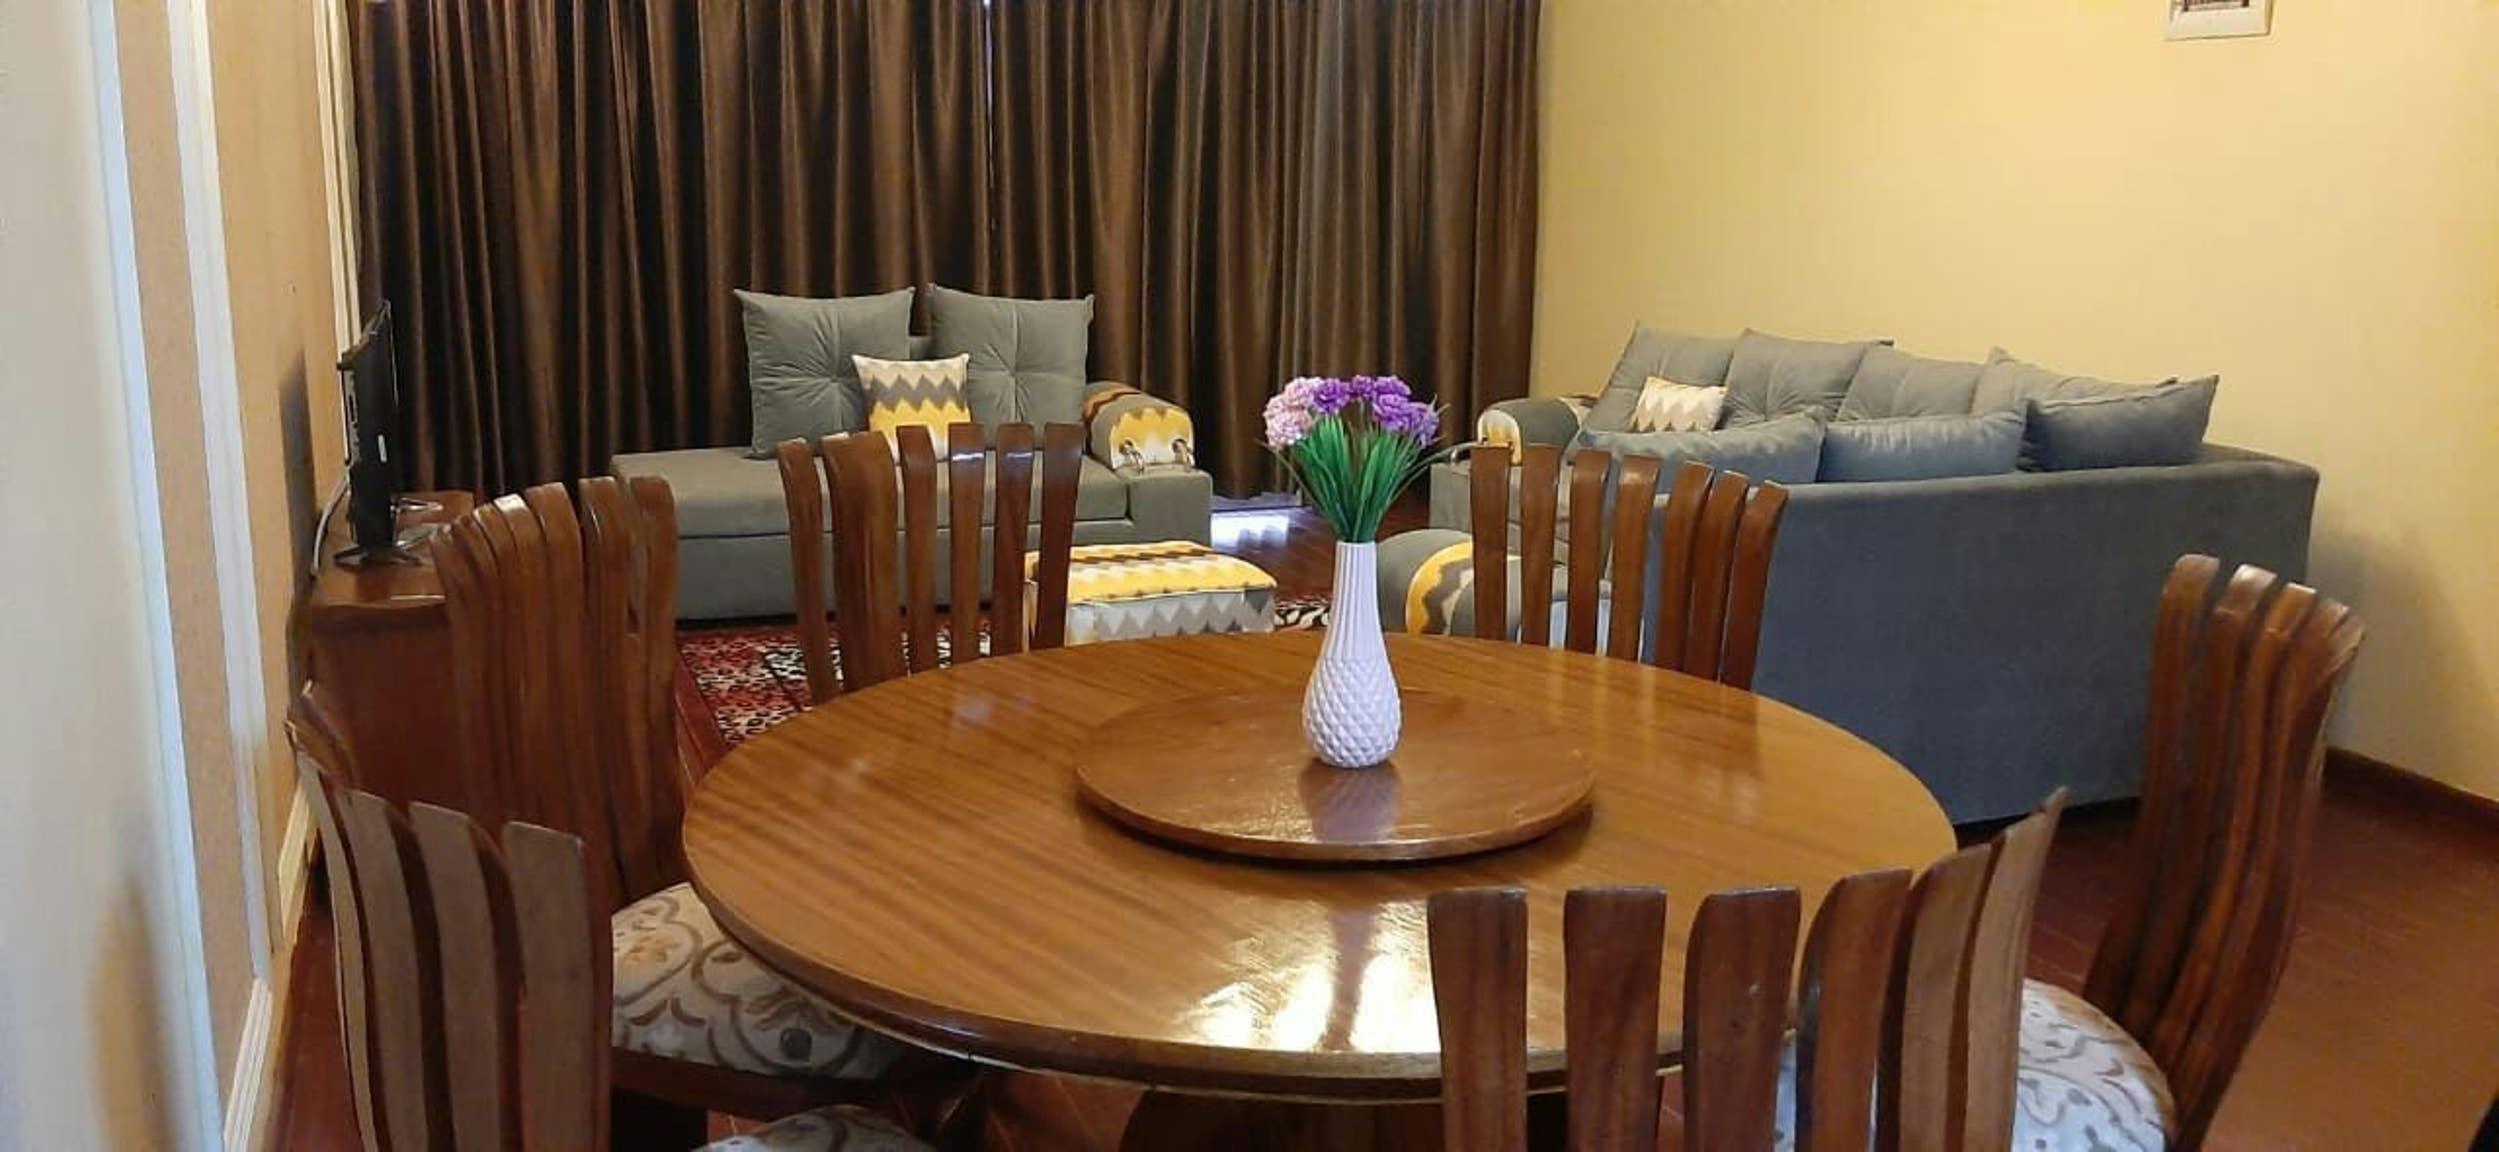 Executive und geraumiges 4-Zimmer-Haus in Kilimani Ferienwohnung in Kenia